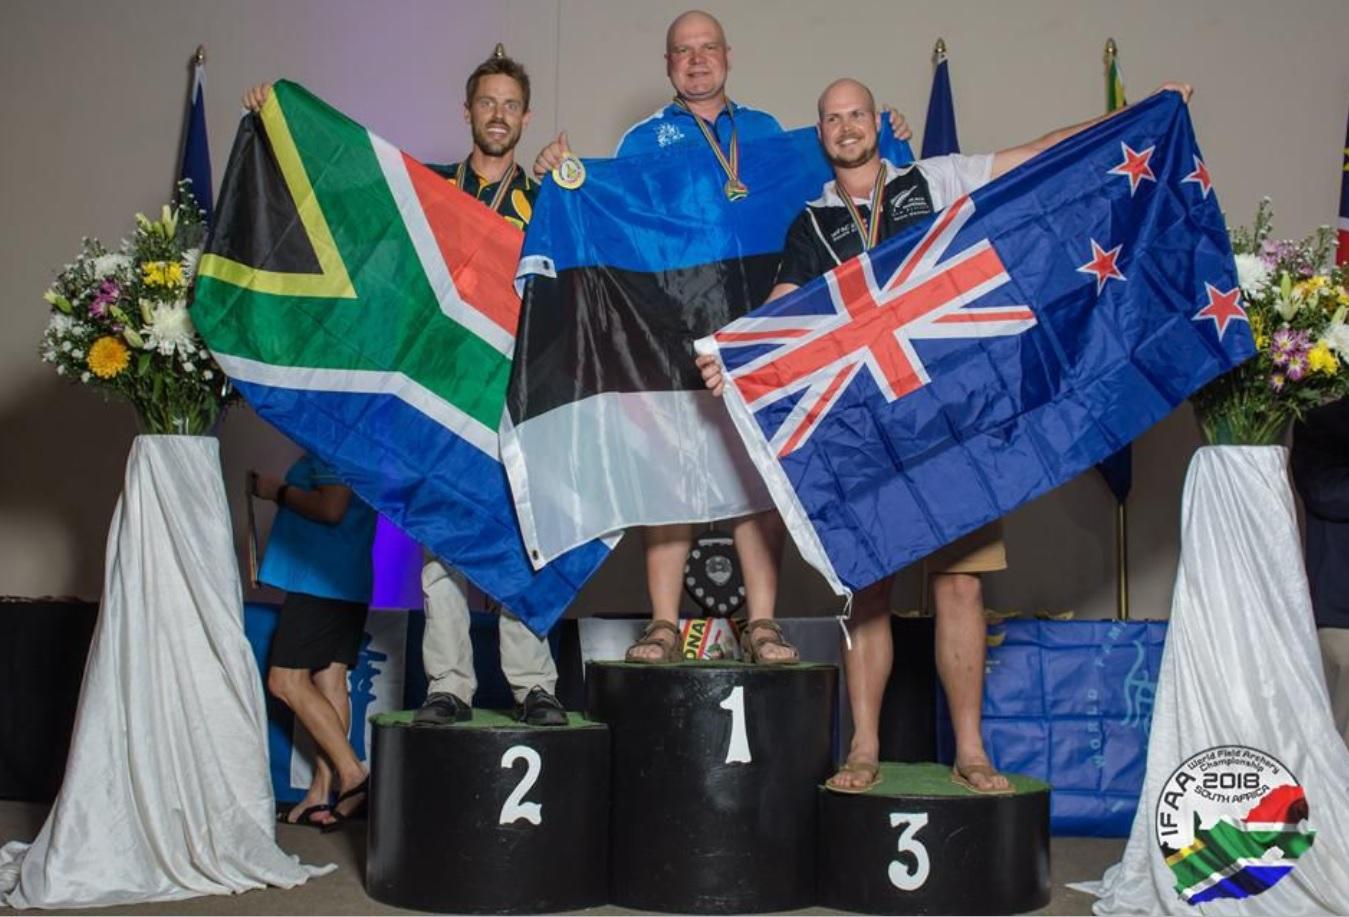 Pärnumaale tuli maastikuvibu maailmameistrivõistlustelt kuld- ja hõbemedal